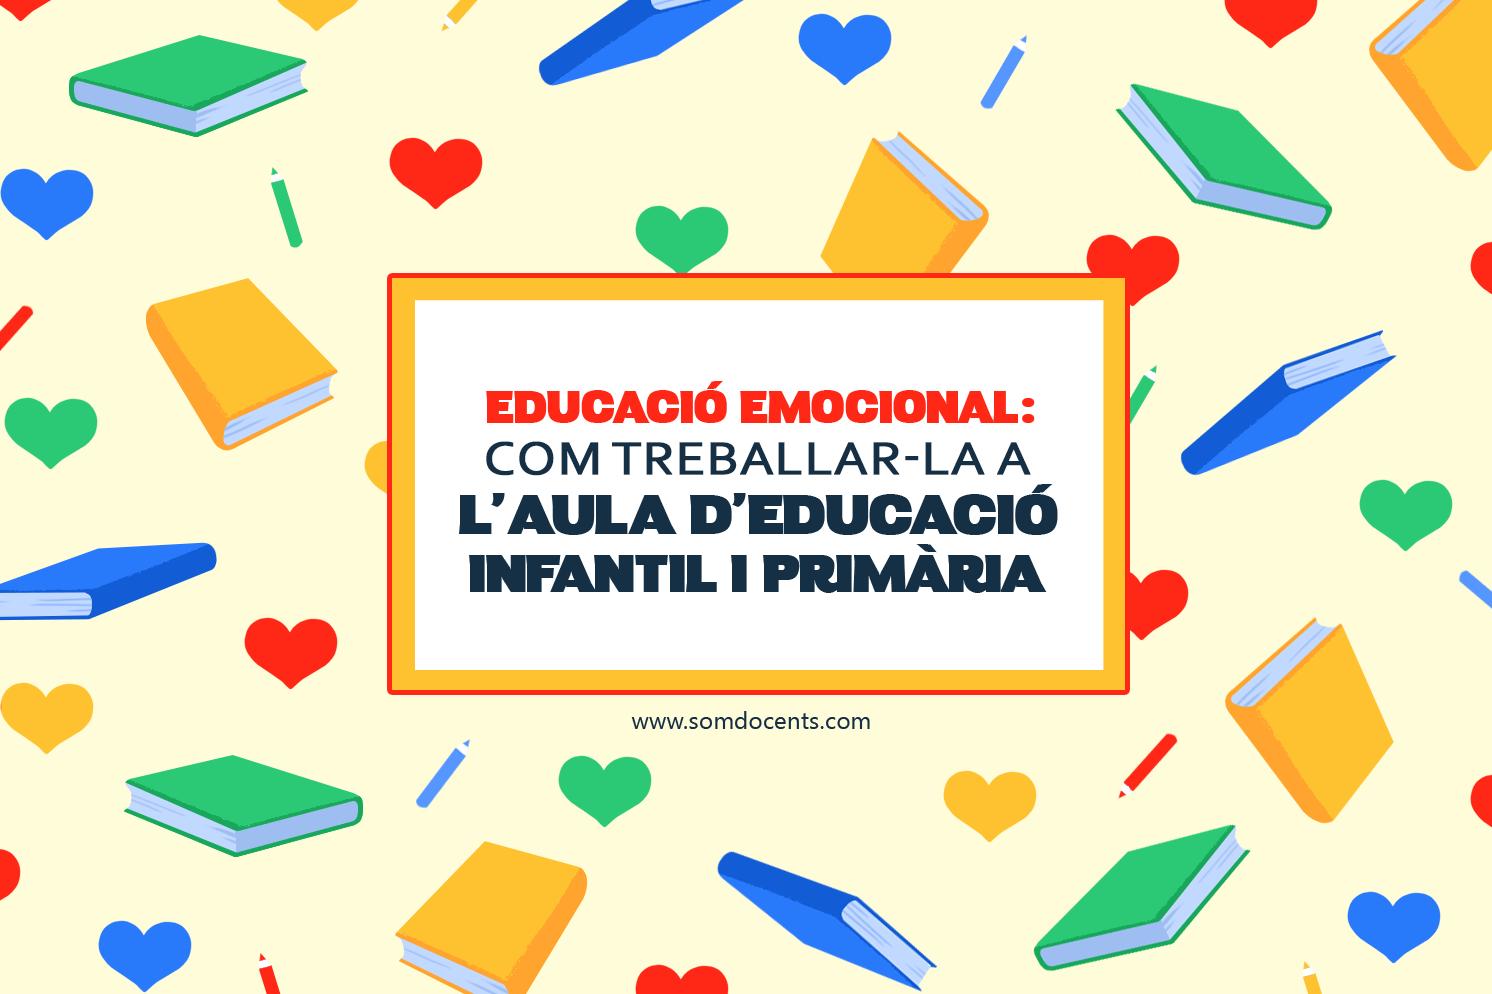 somdocents-educació-emocional